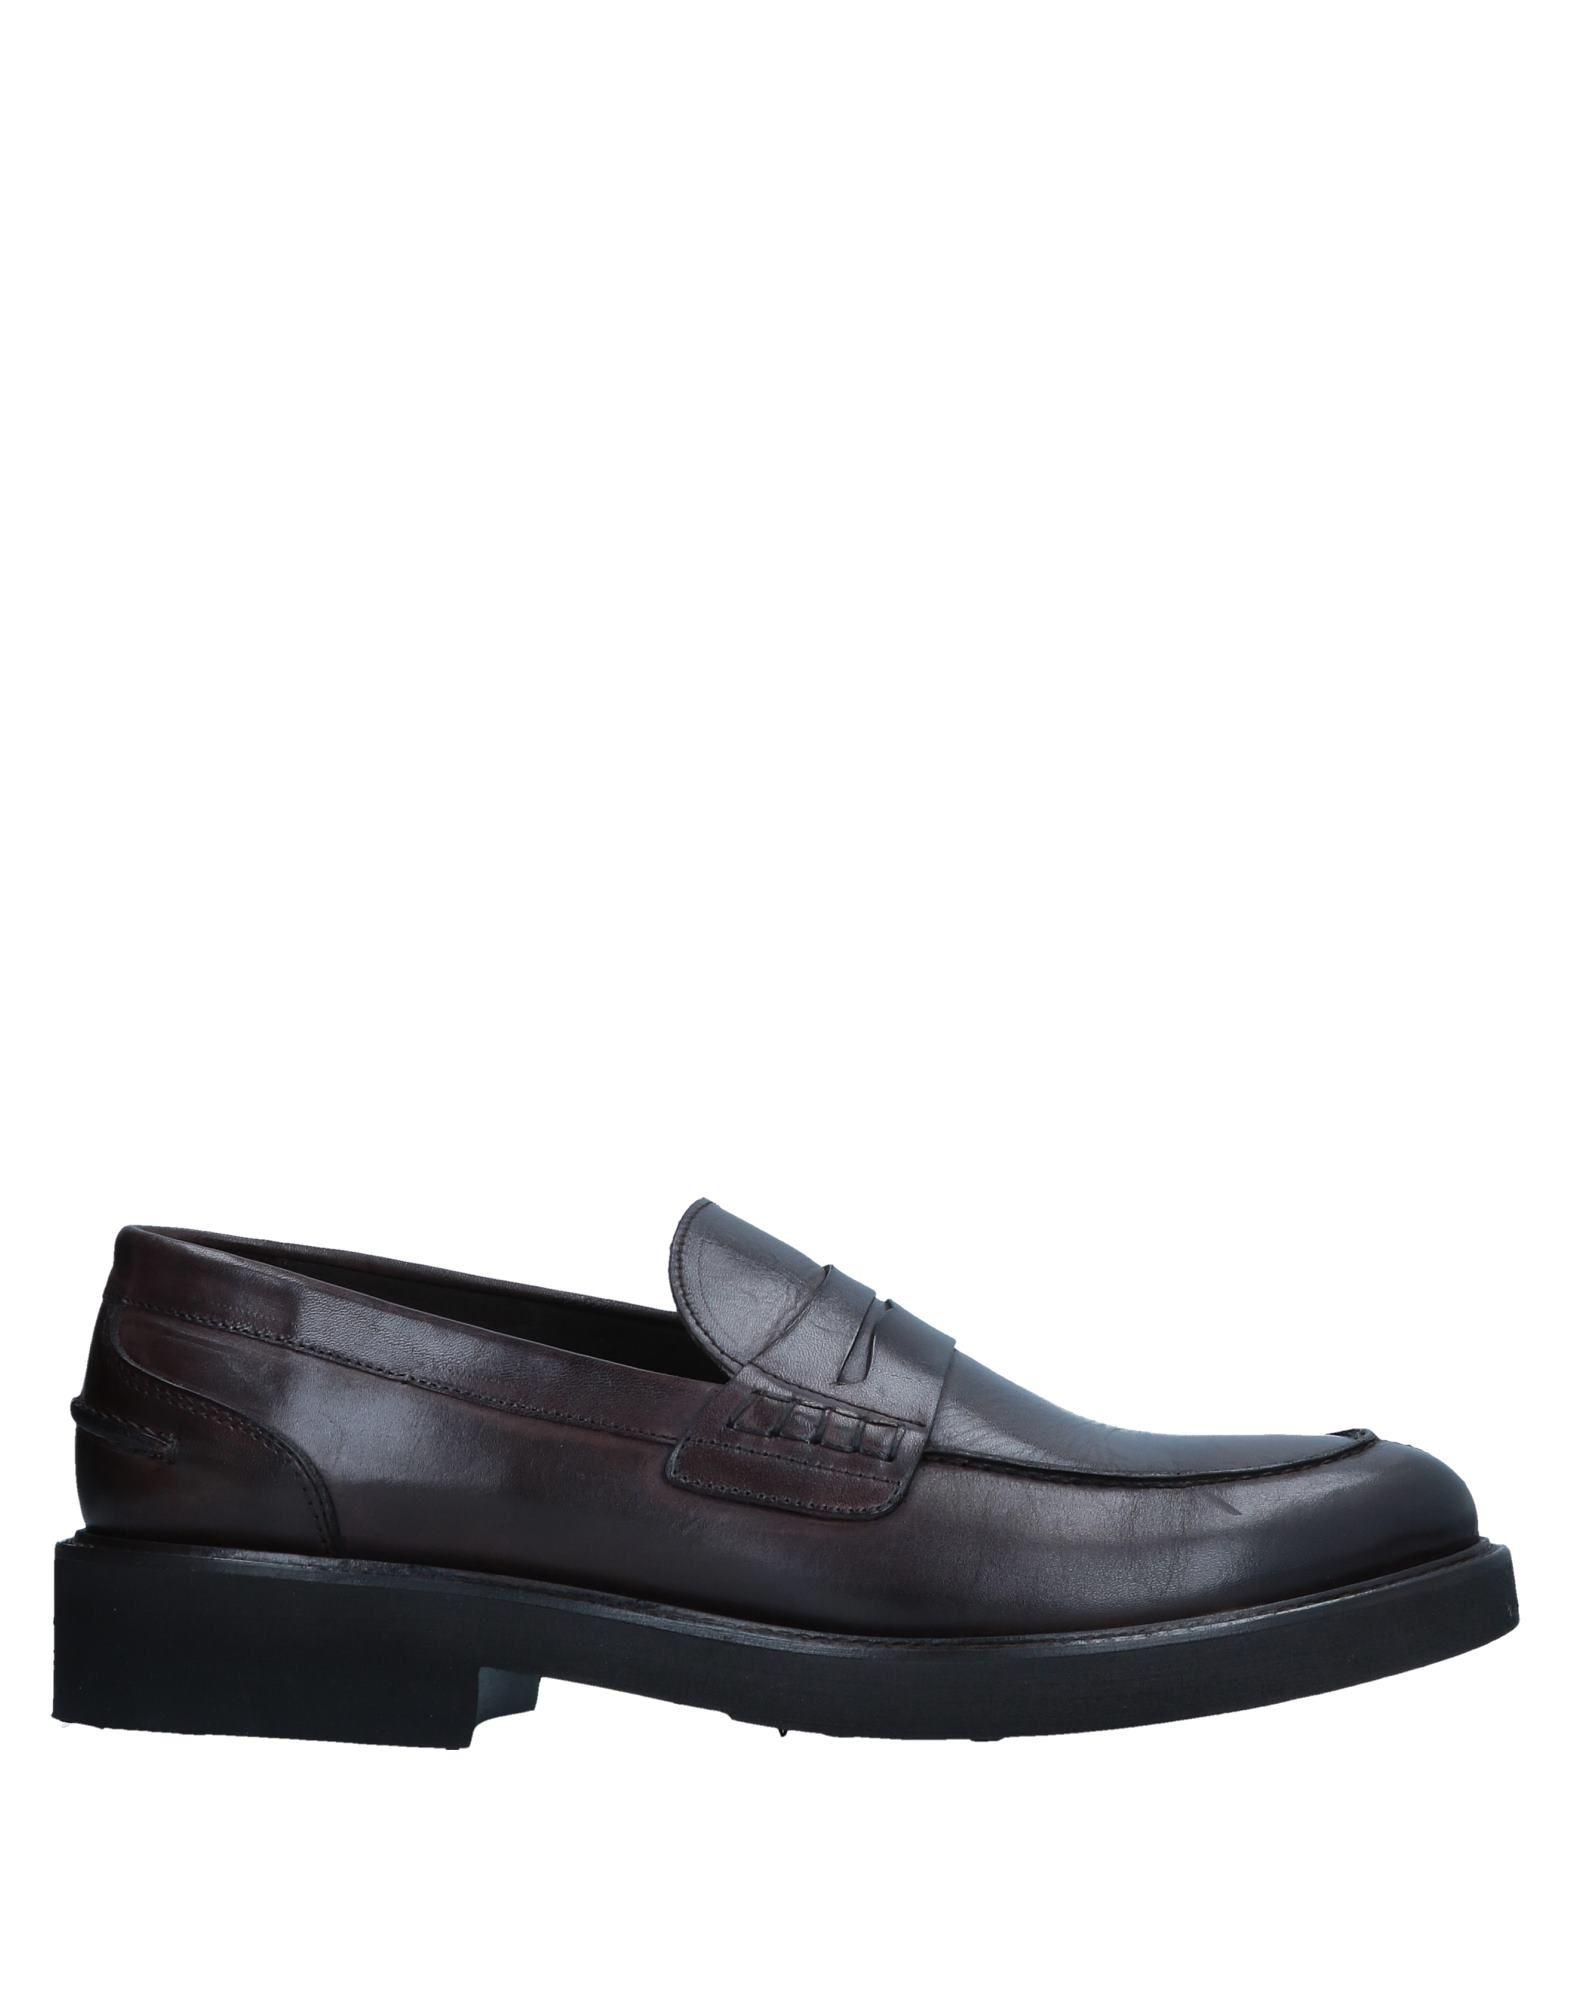 Henry Smith Mokassins Herren  11552406KX Gute Qualität beliebte Schuhe